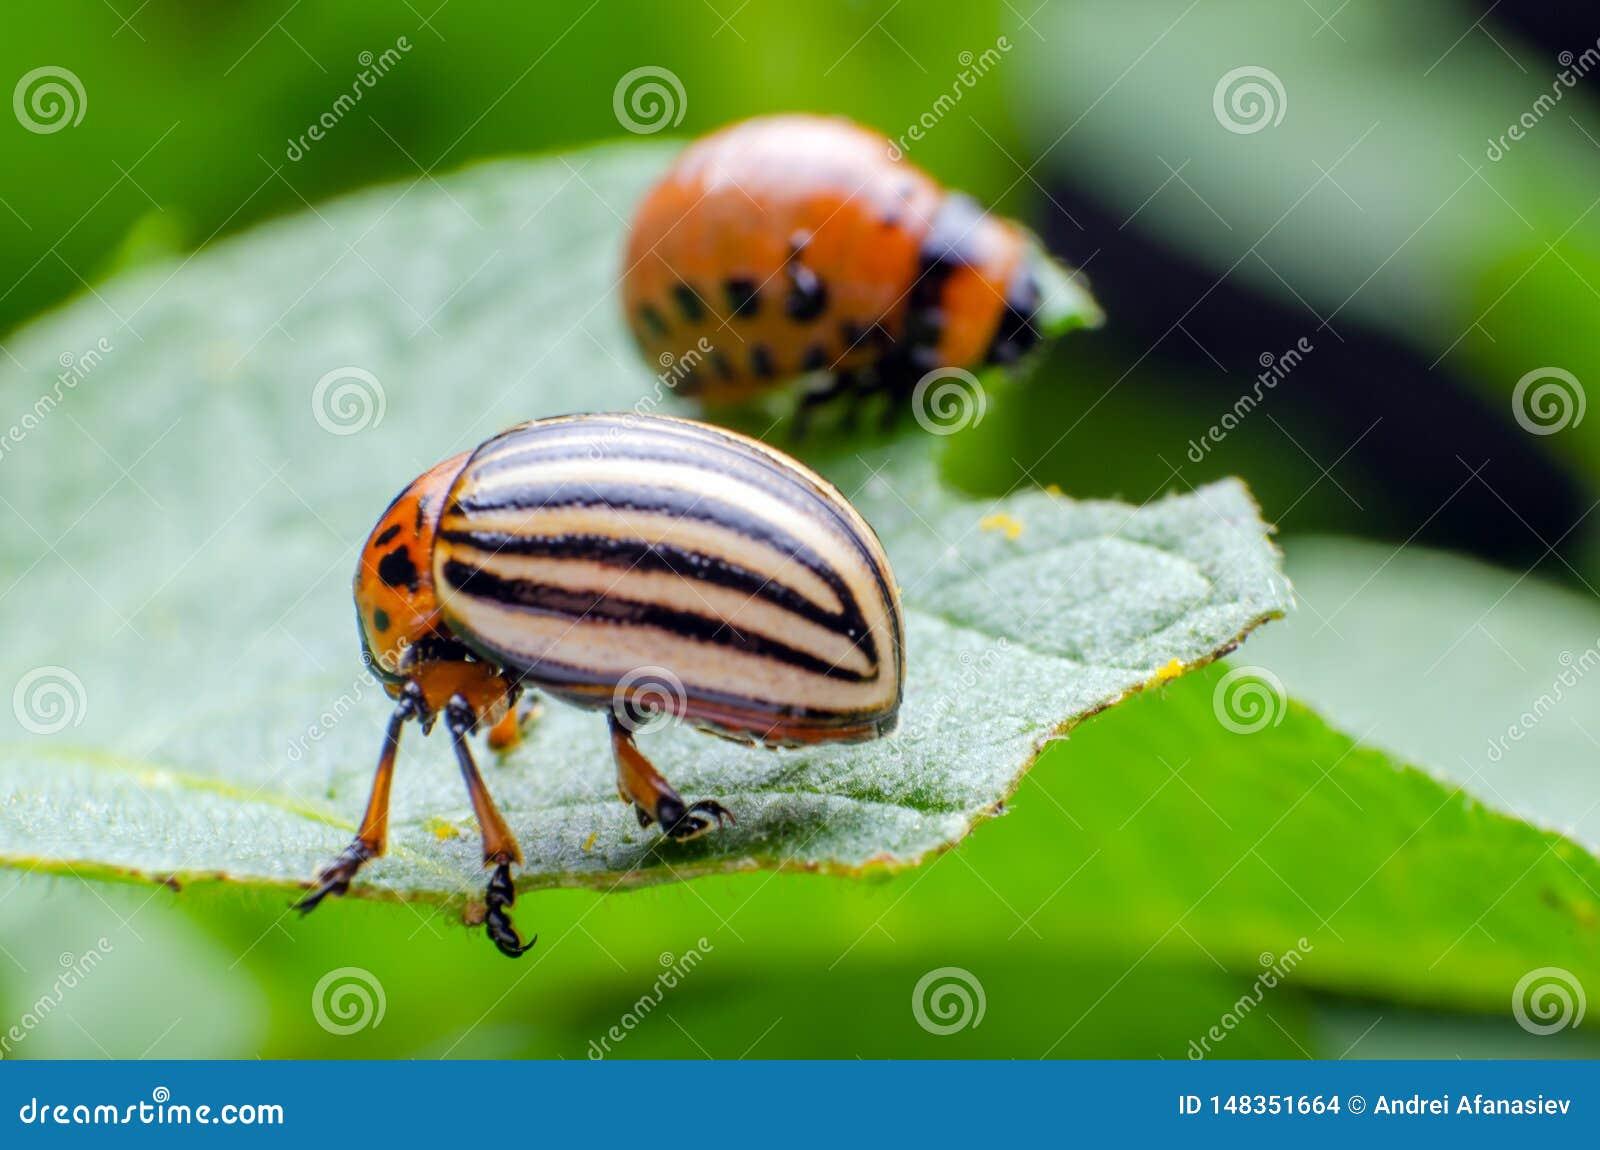 Colorado potato beetle eats green potato leaves